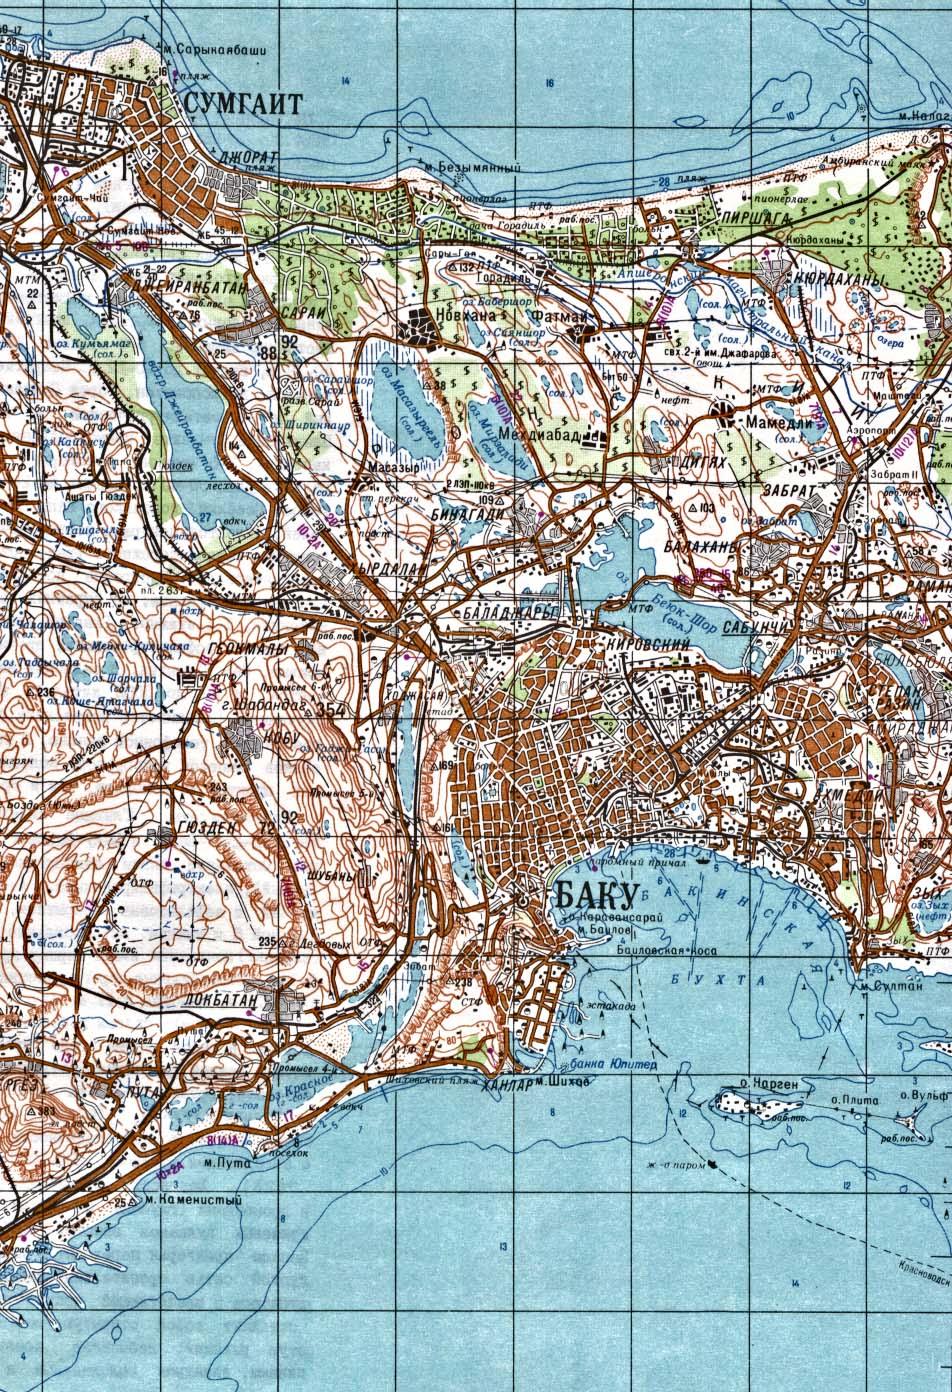 Mapa Topográfico de la Ciudad de Bakú, Azerbaiyán